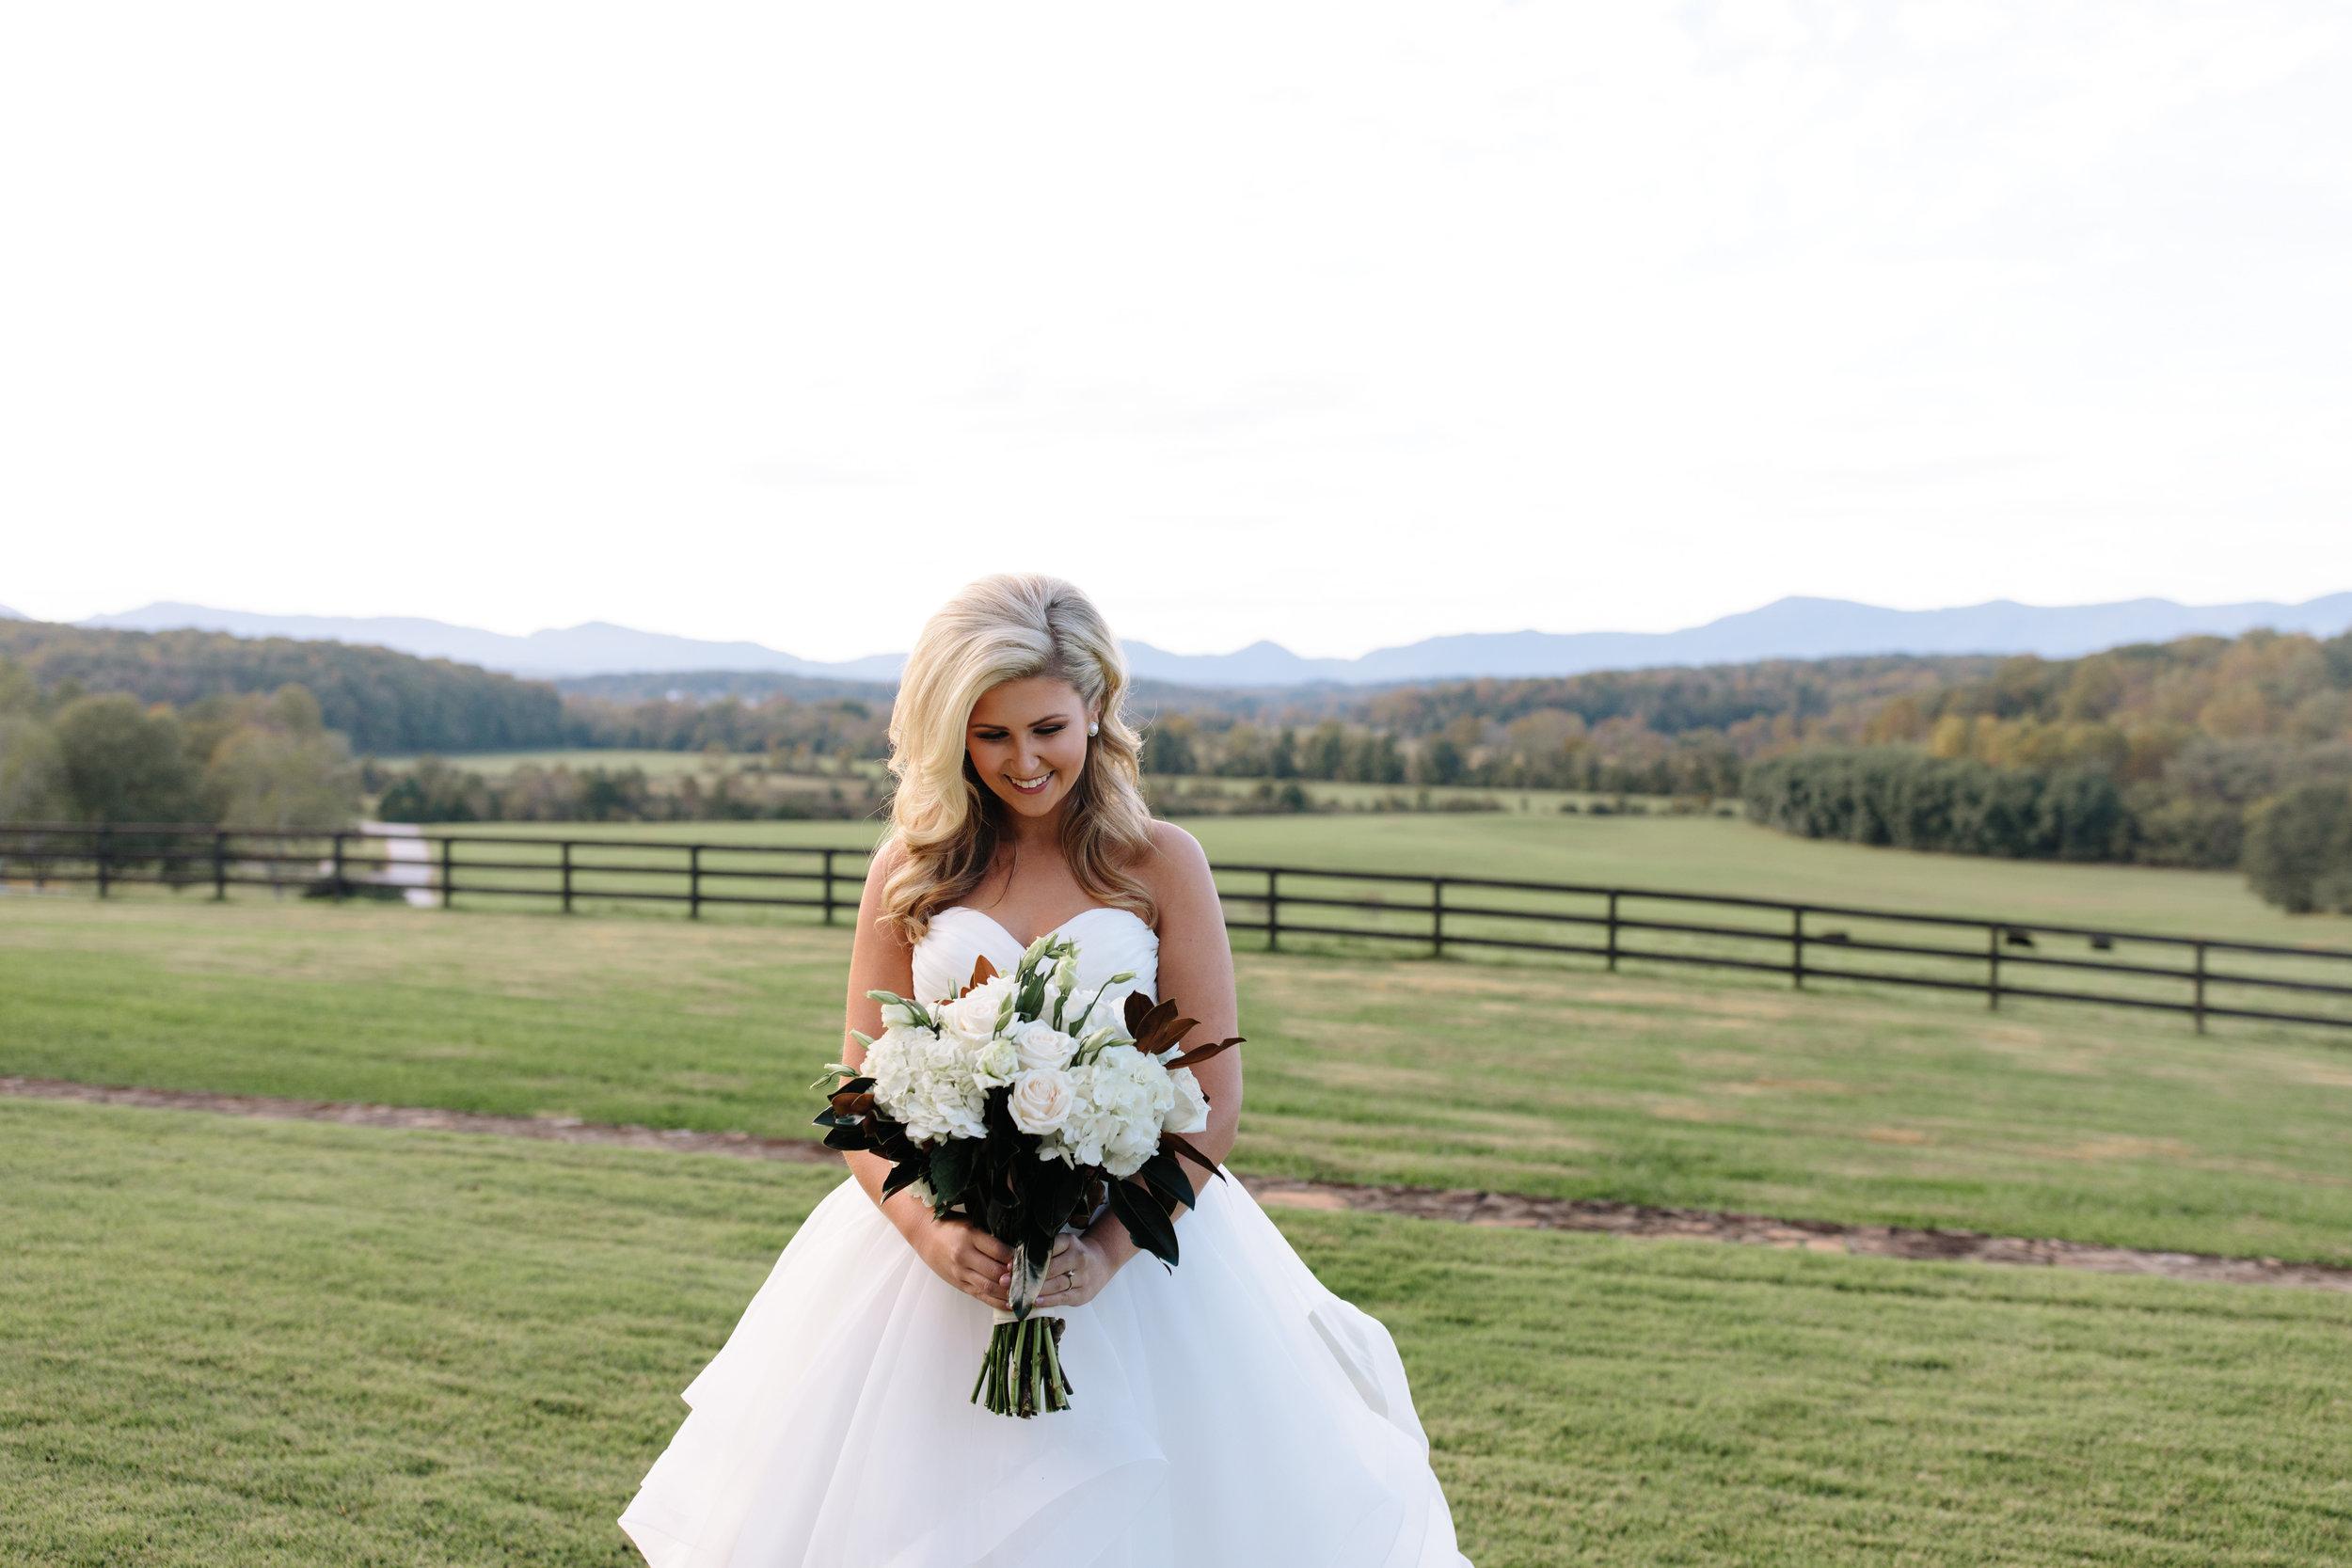 Leanna_Bridals-51.jpg